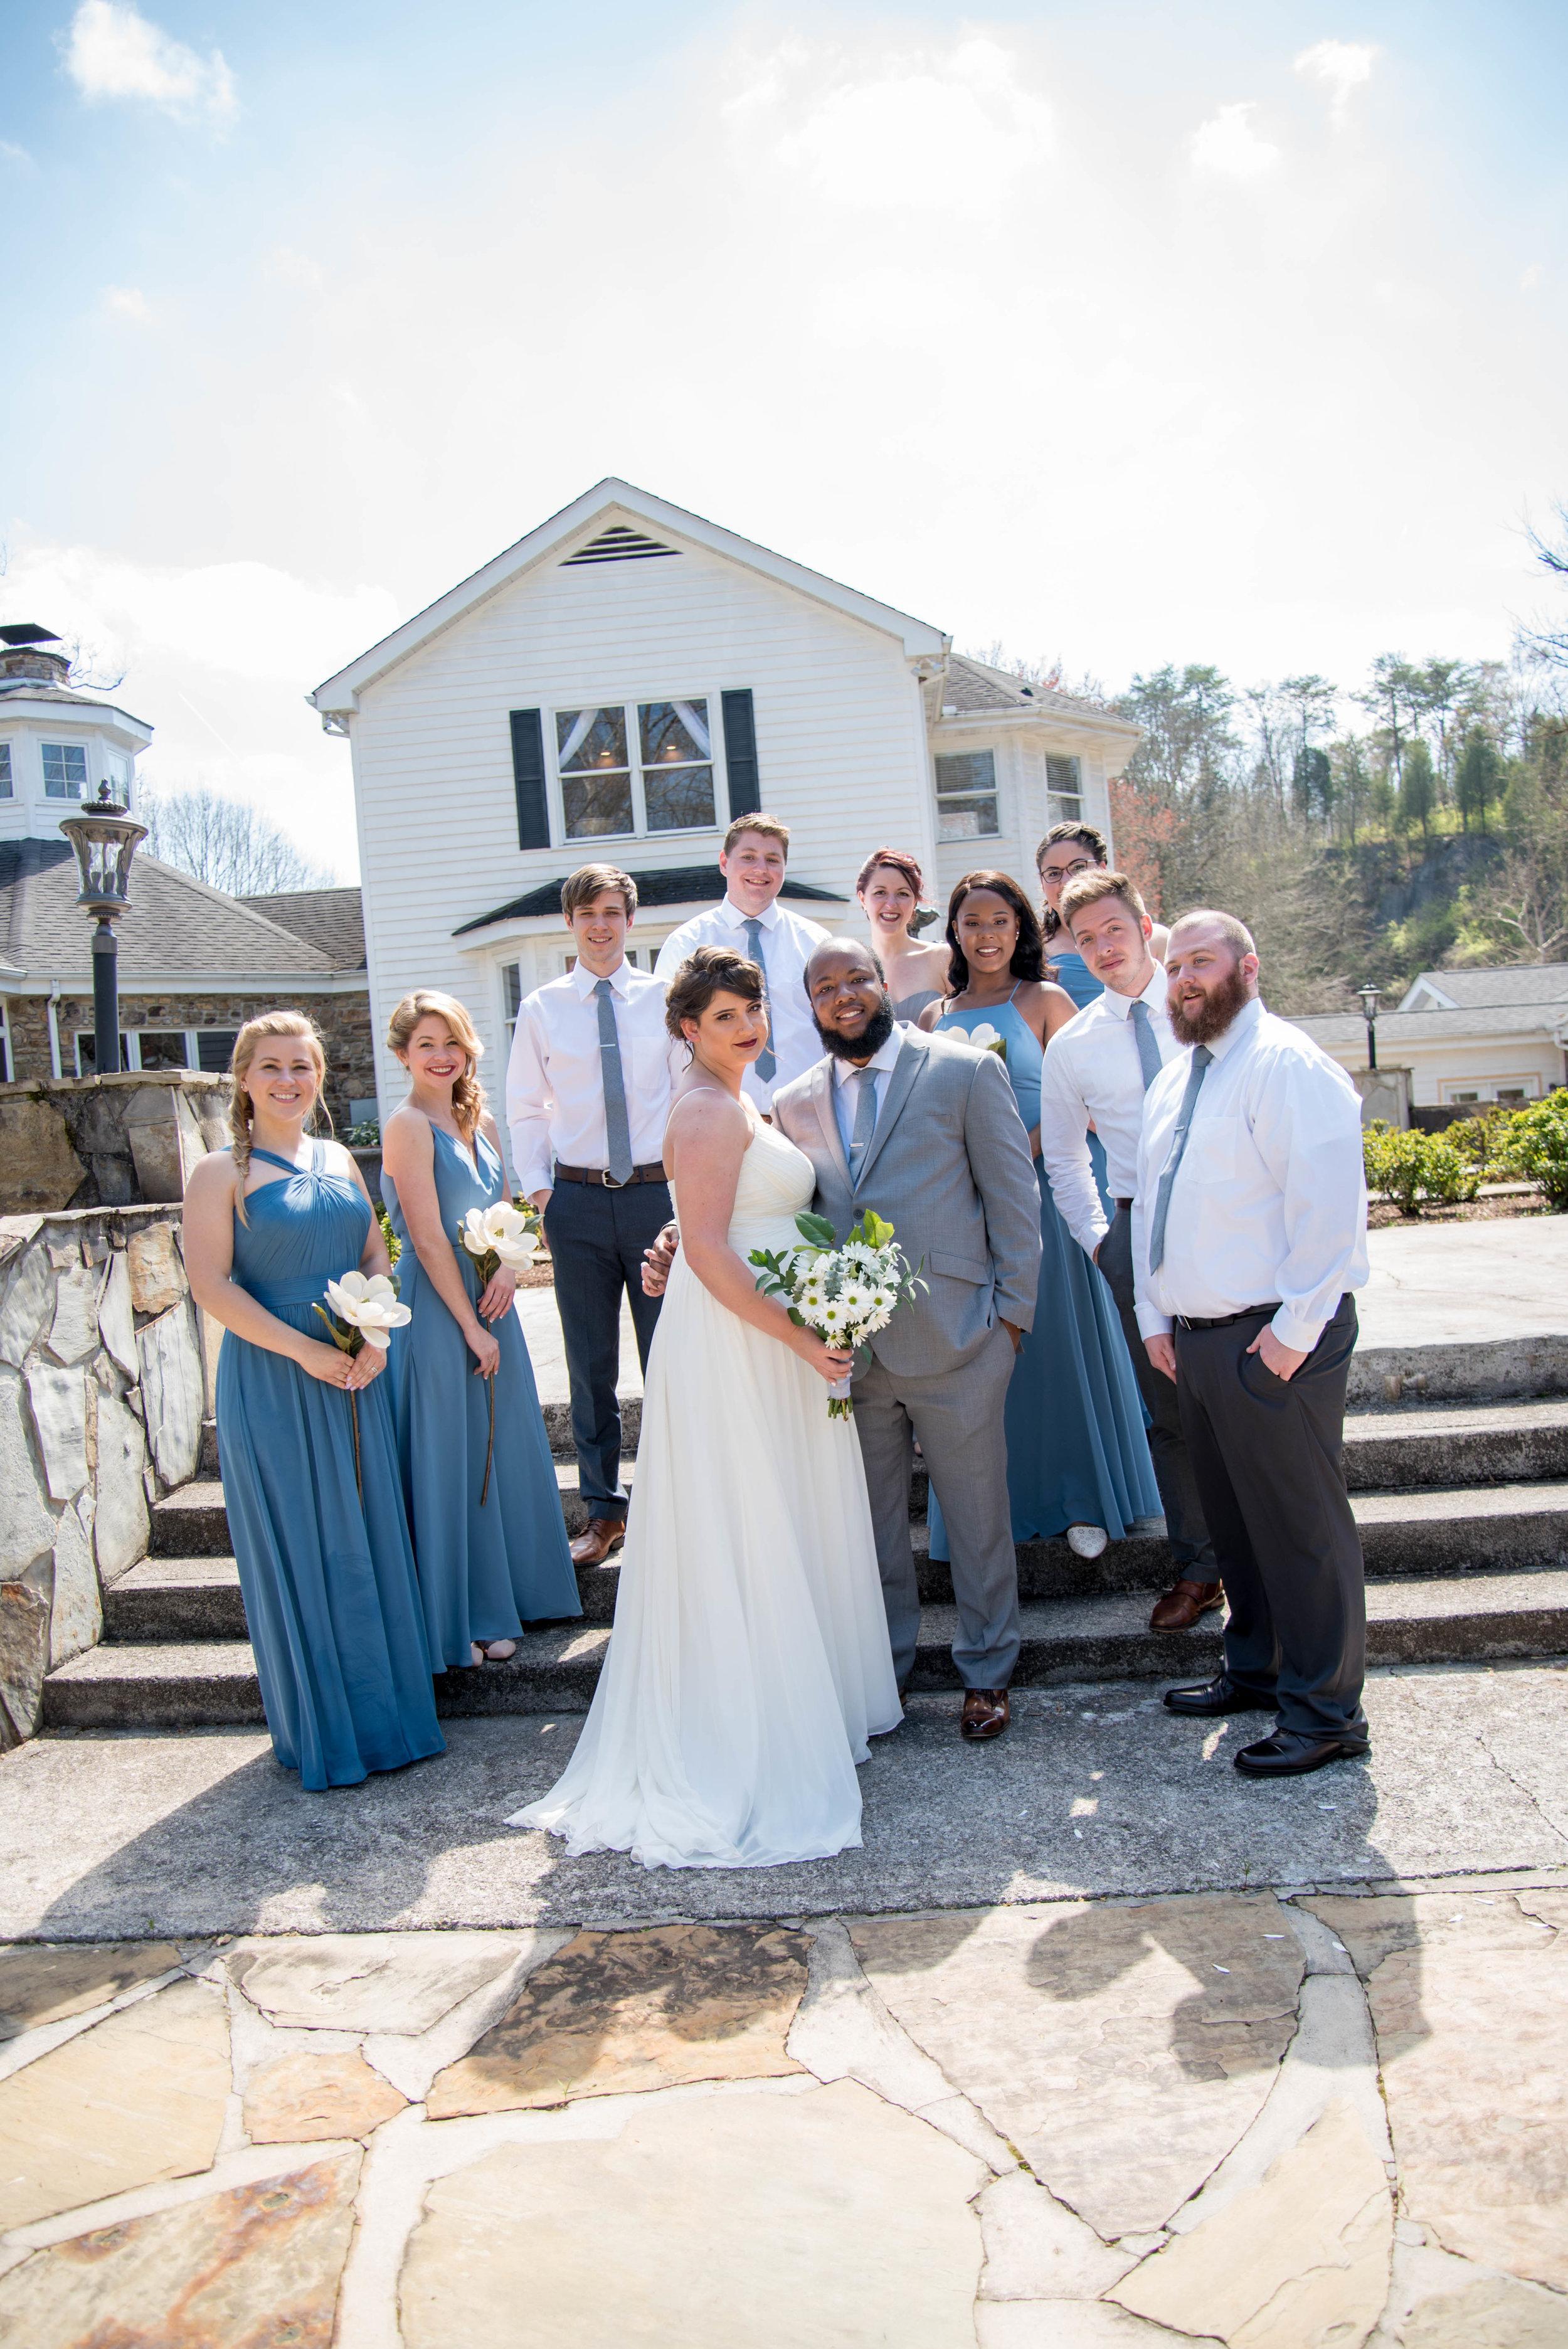 weddingparty-095.jpg